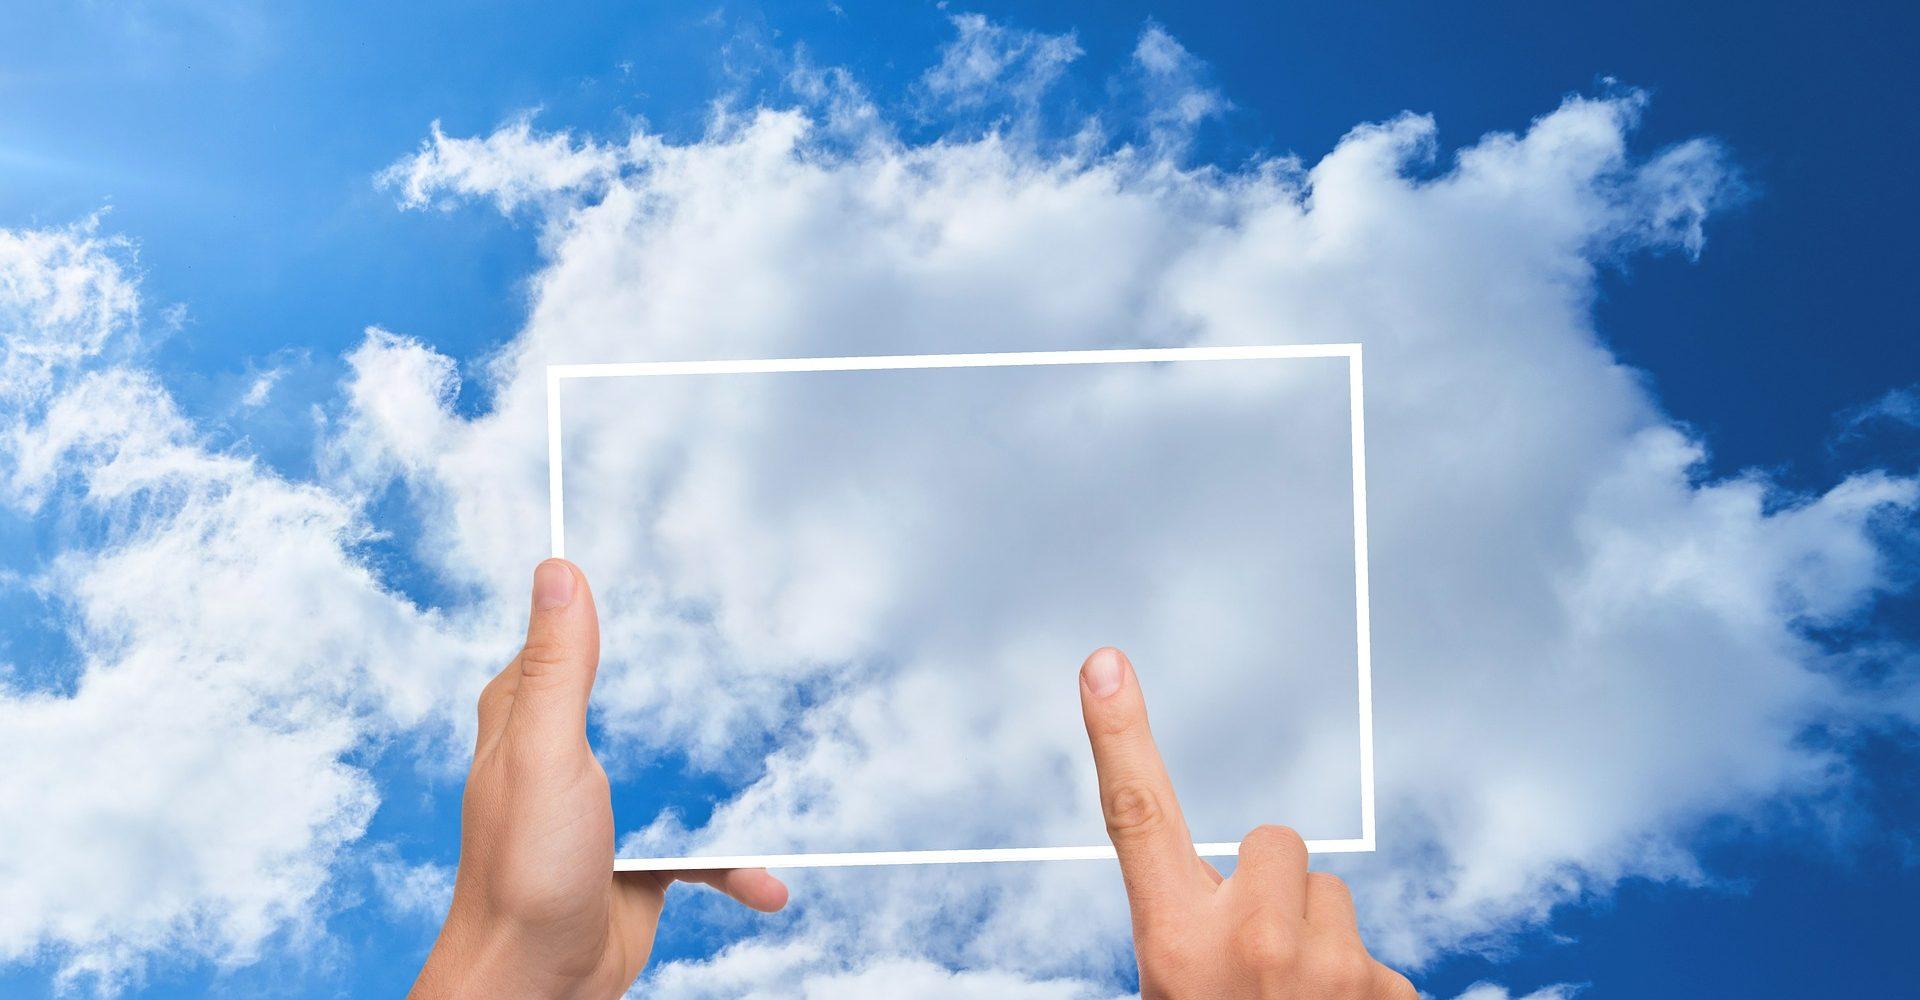 cloud-3362004_1920